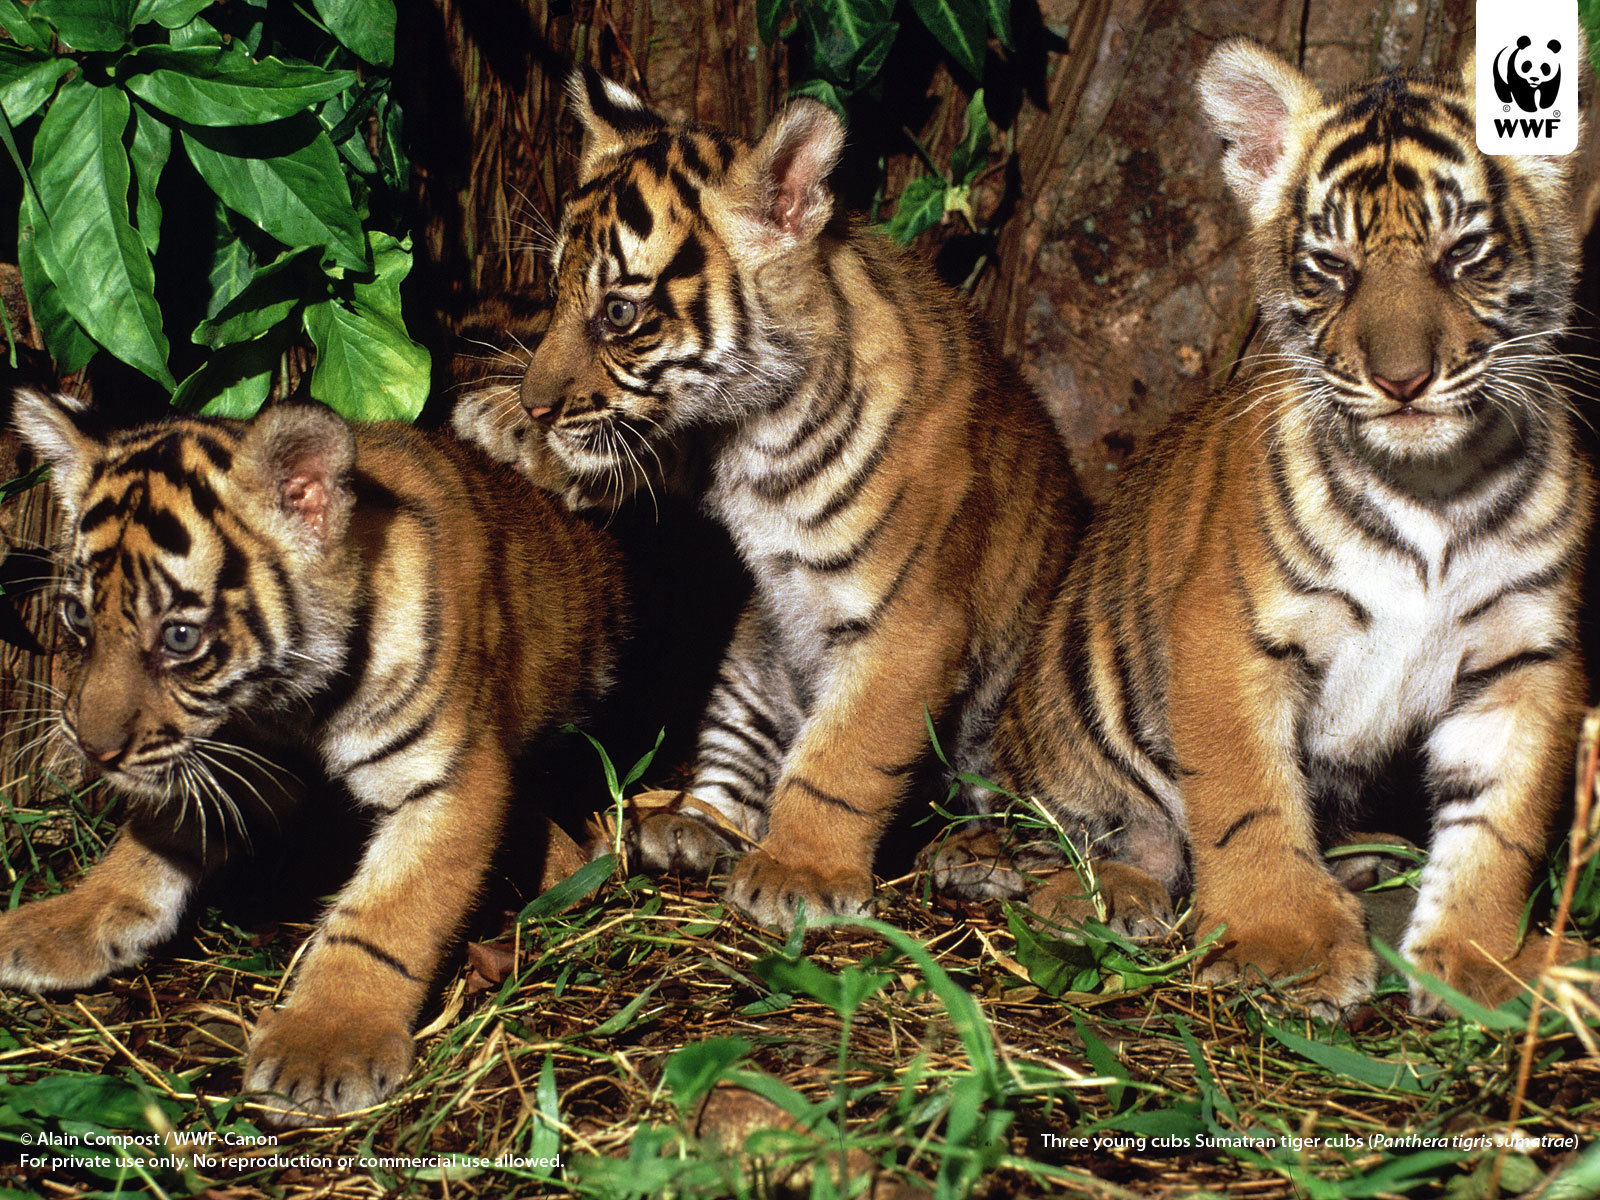 Tigerrs